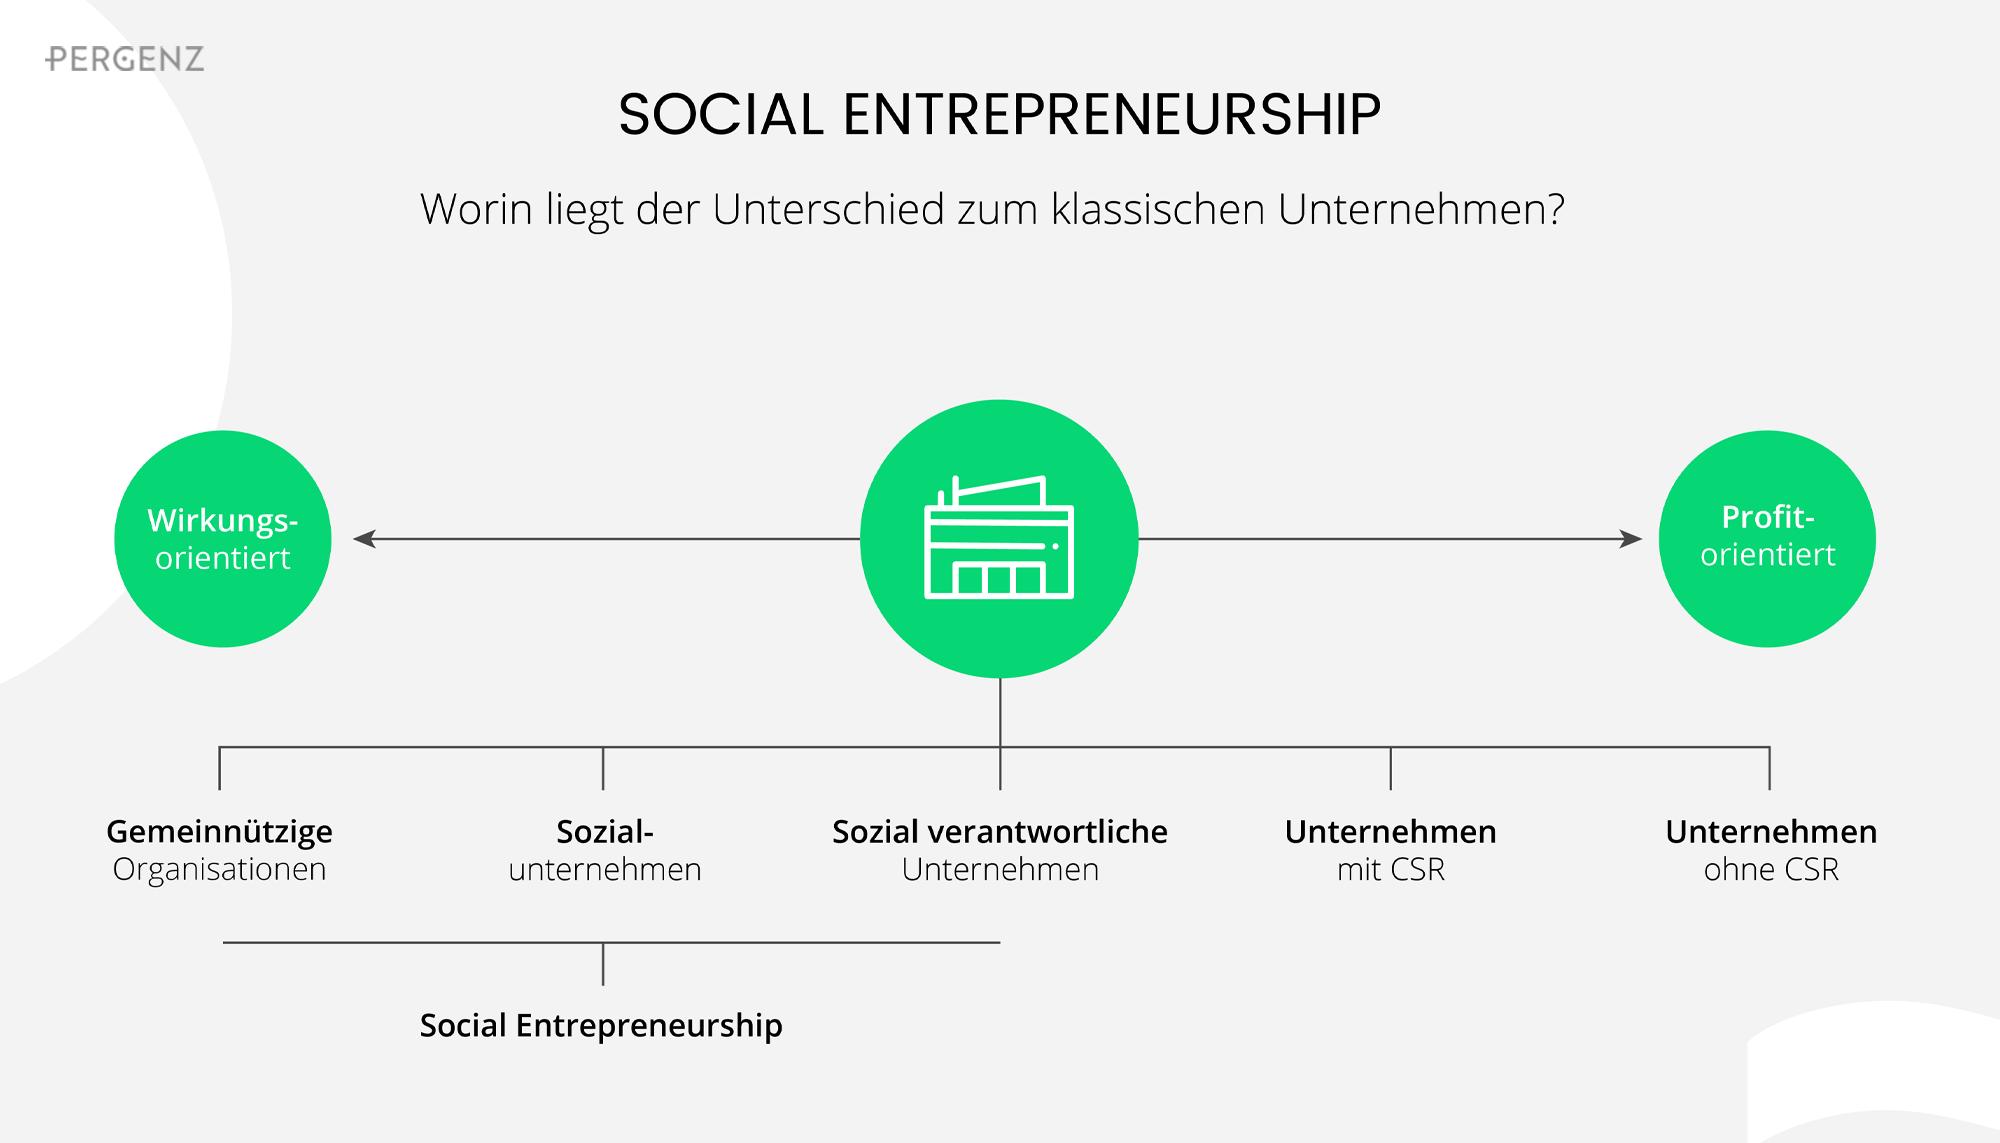 Worin liegt der Unterschied zum klassischen Unternehmen